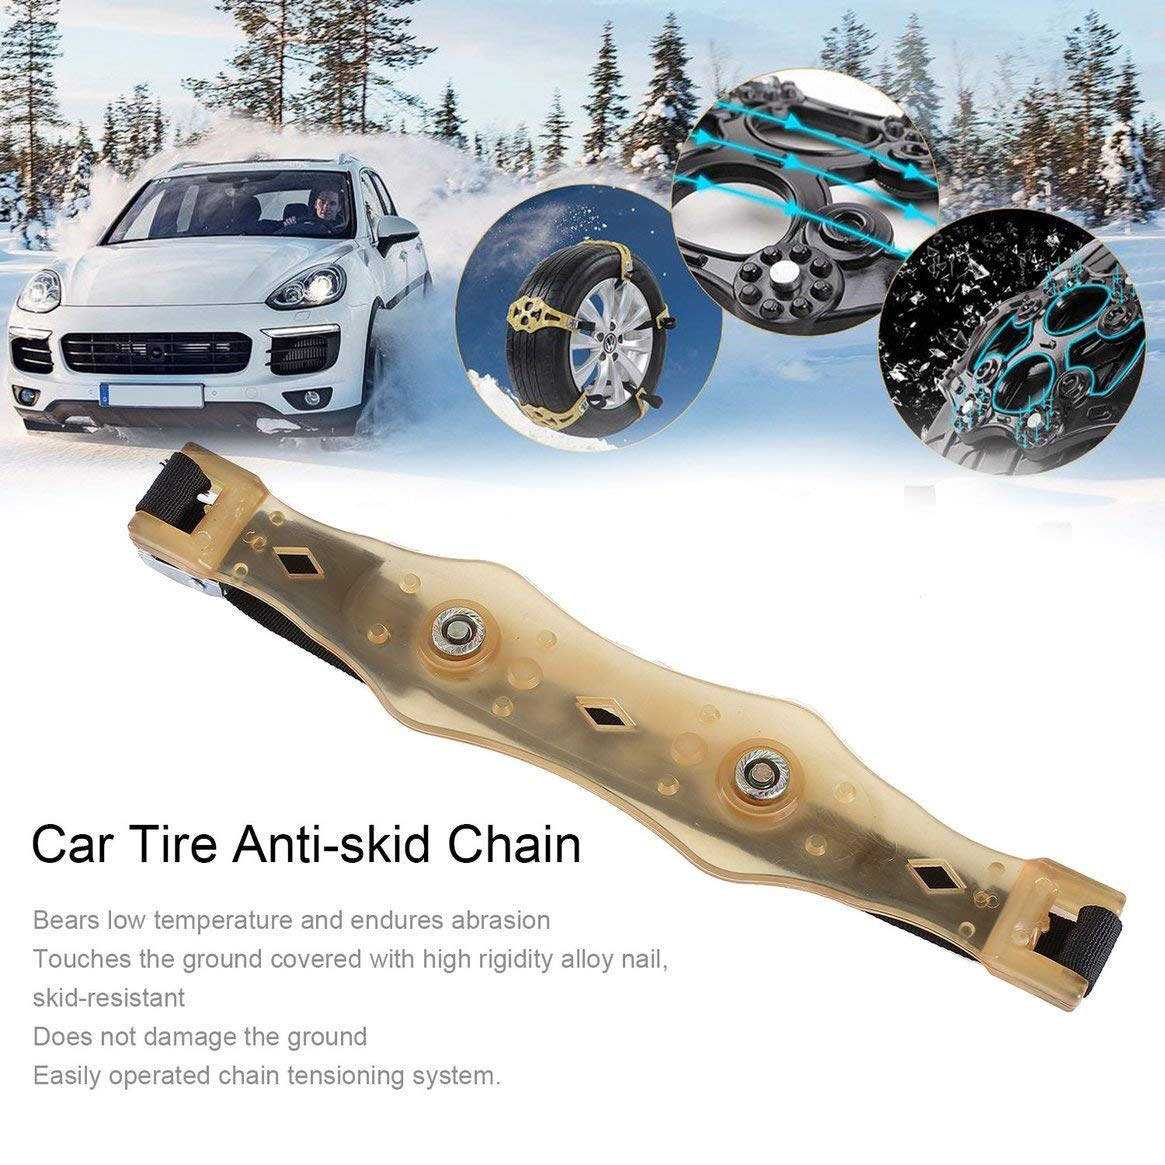 Rueda antideslizante de rueda de llanta antideslizante universal de seguridad para todo terreno Rueda de barro de nieve ajustable Tendón de llanta para ...